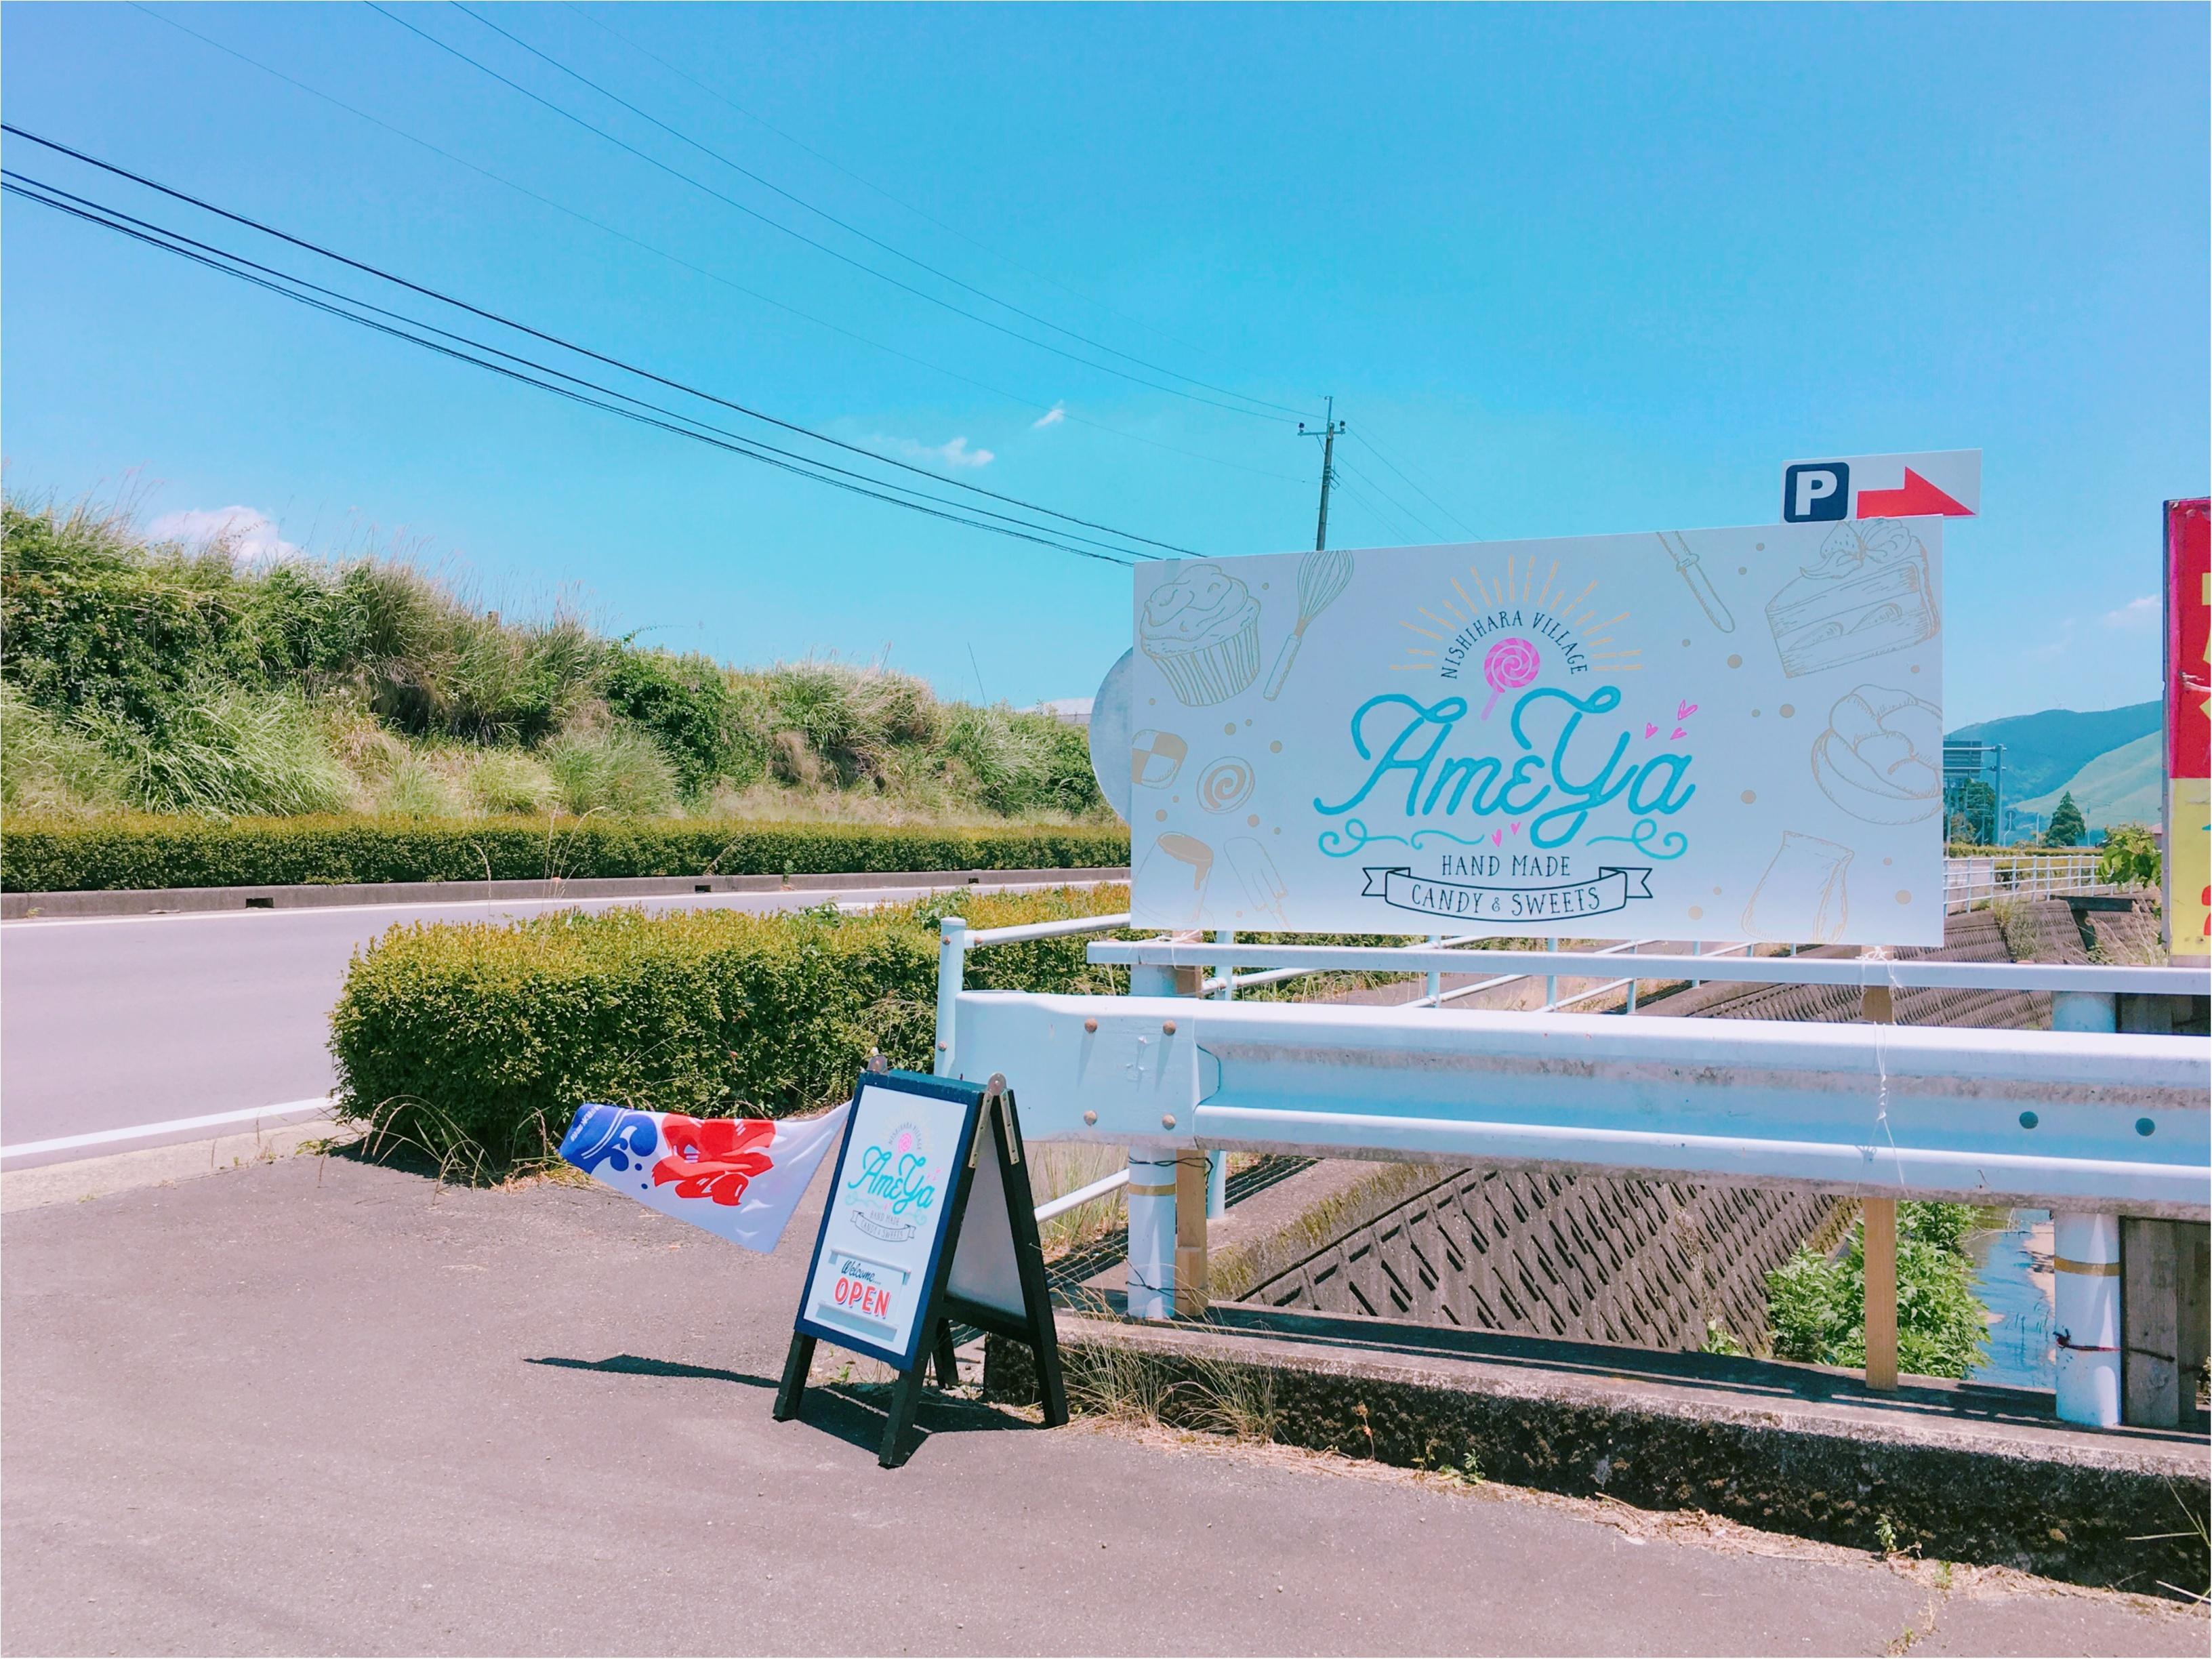 熊本阿蘇で見つけた可愛い手作り飴屋さん!【#モアチャレ 熊本の魅力発信!】_5